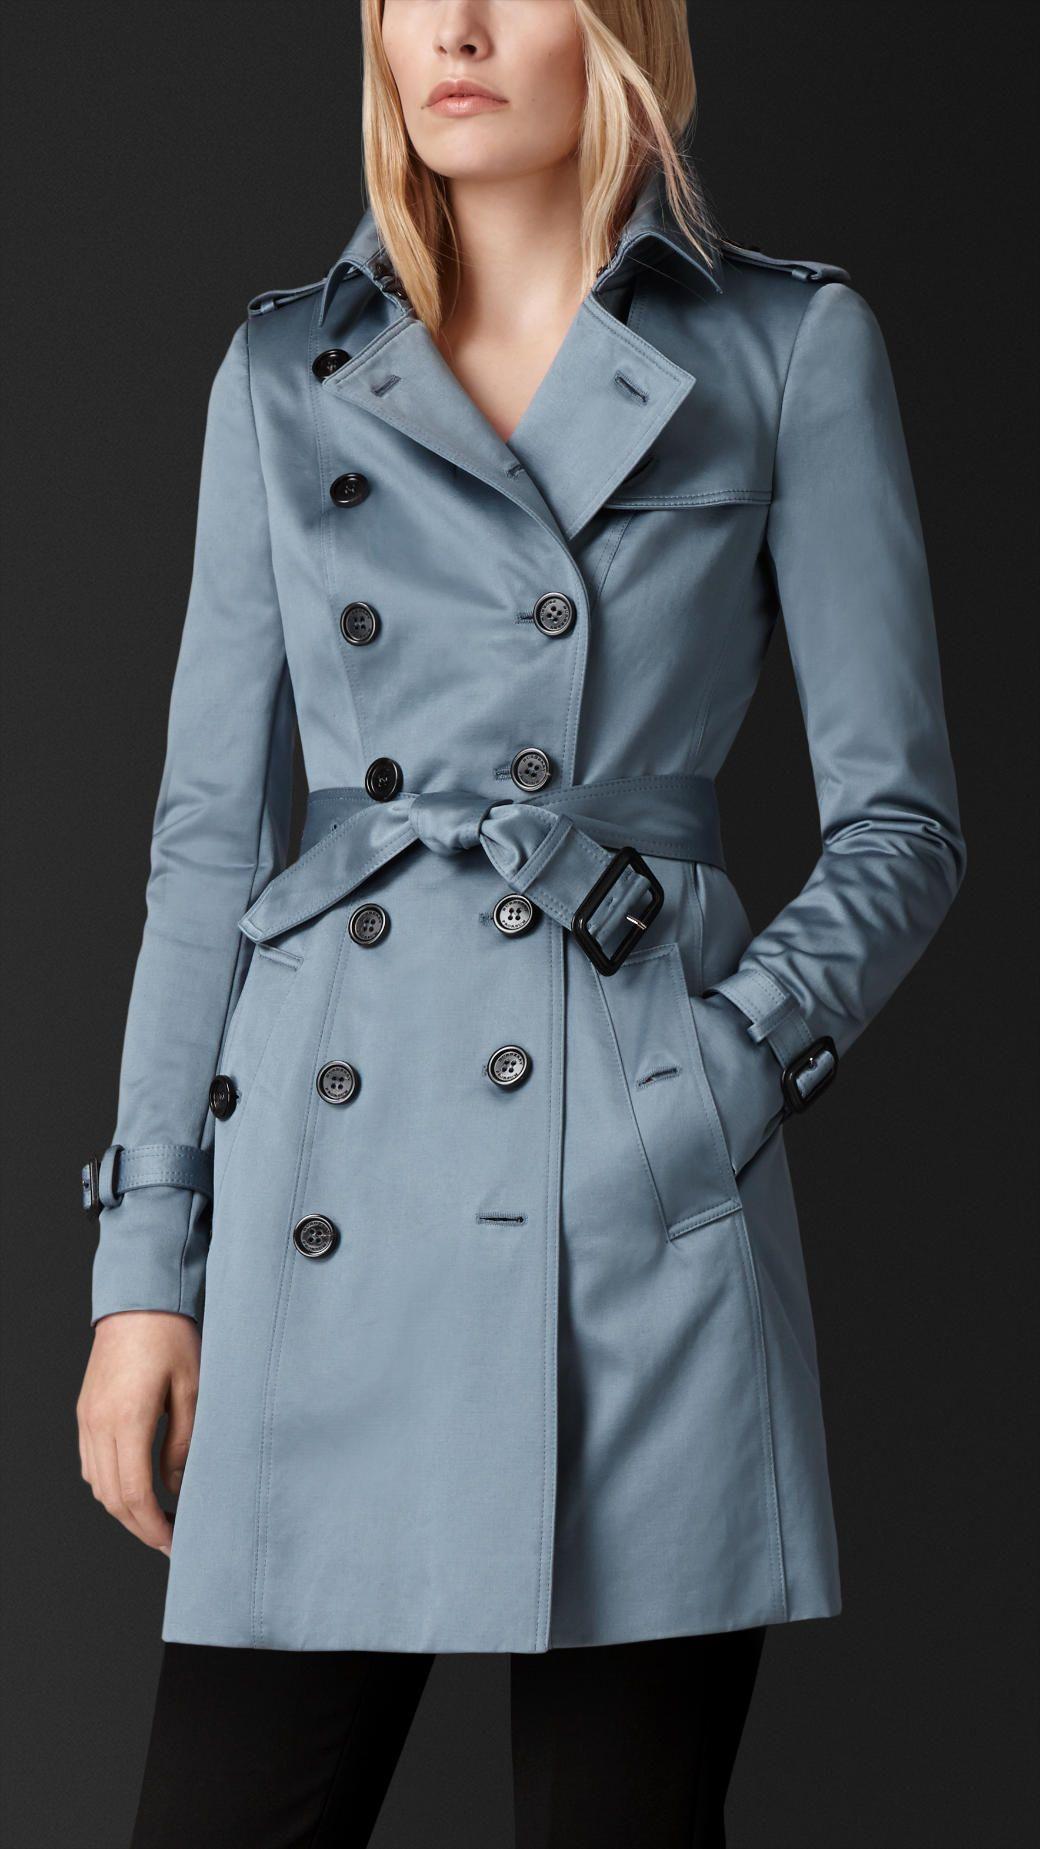 Women S Clothing Burberry Trench Coats Women Burberry Trench Coat Coat Fashion